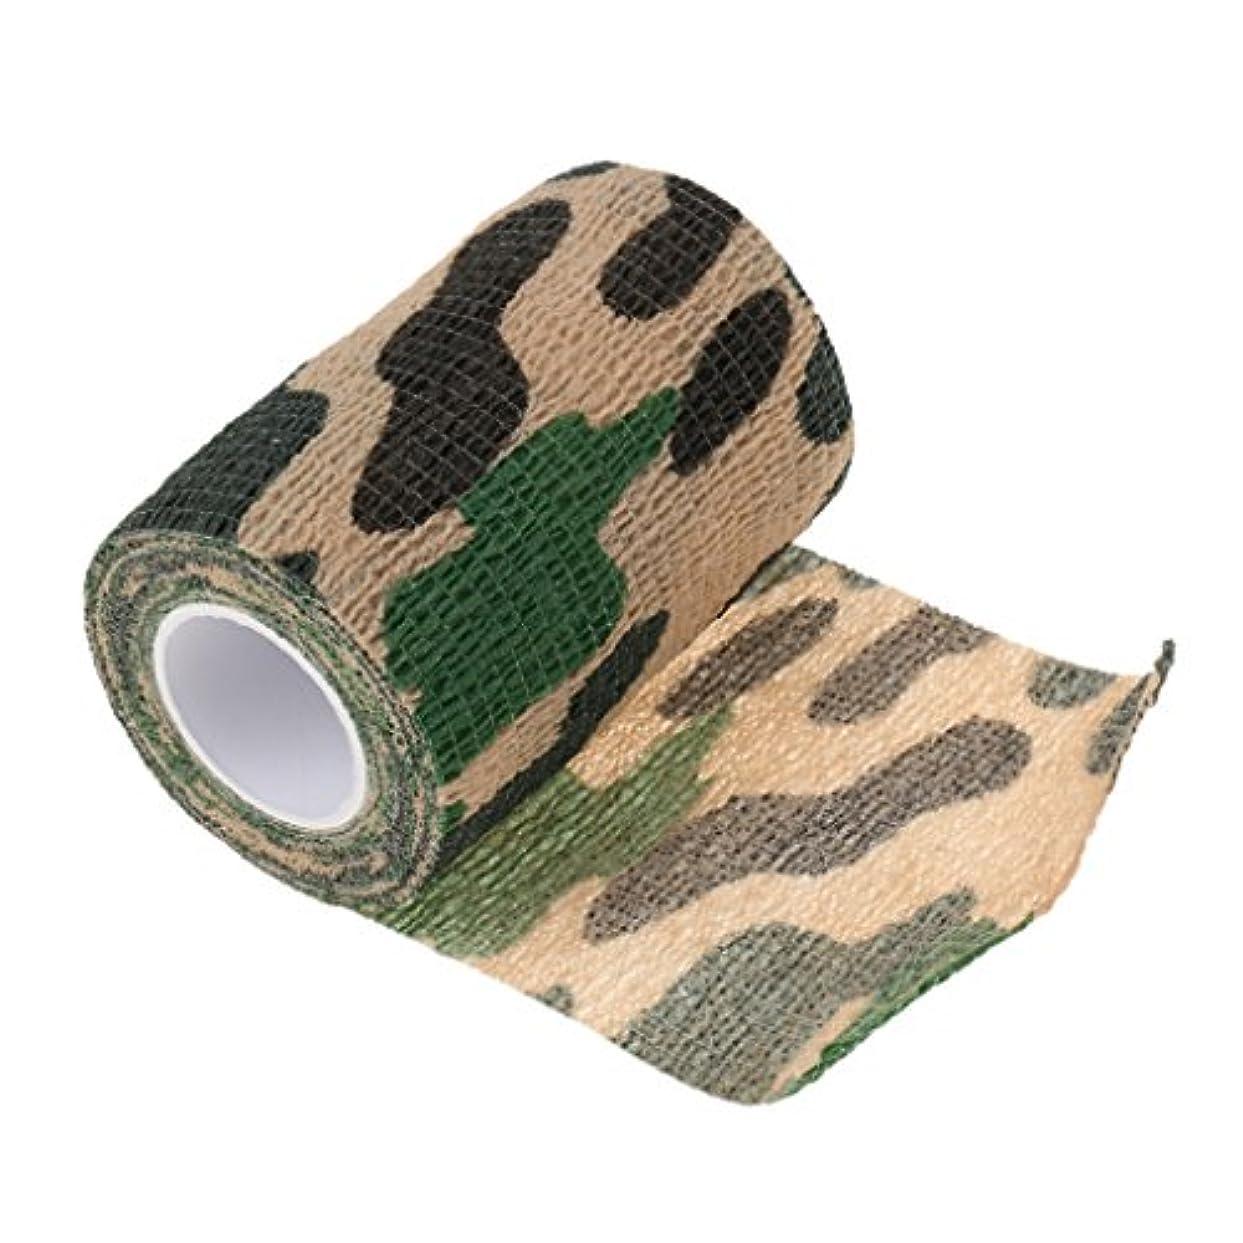 農学回転武器【ノーブランド品】 8種類 不織布 粘着 柔軟 弾性 テープ 包帯 ラップ